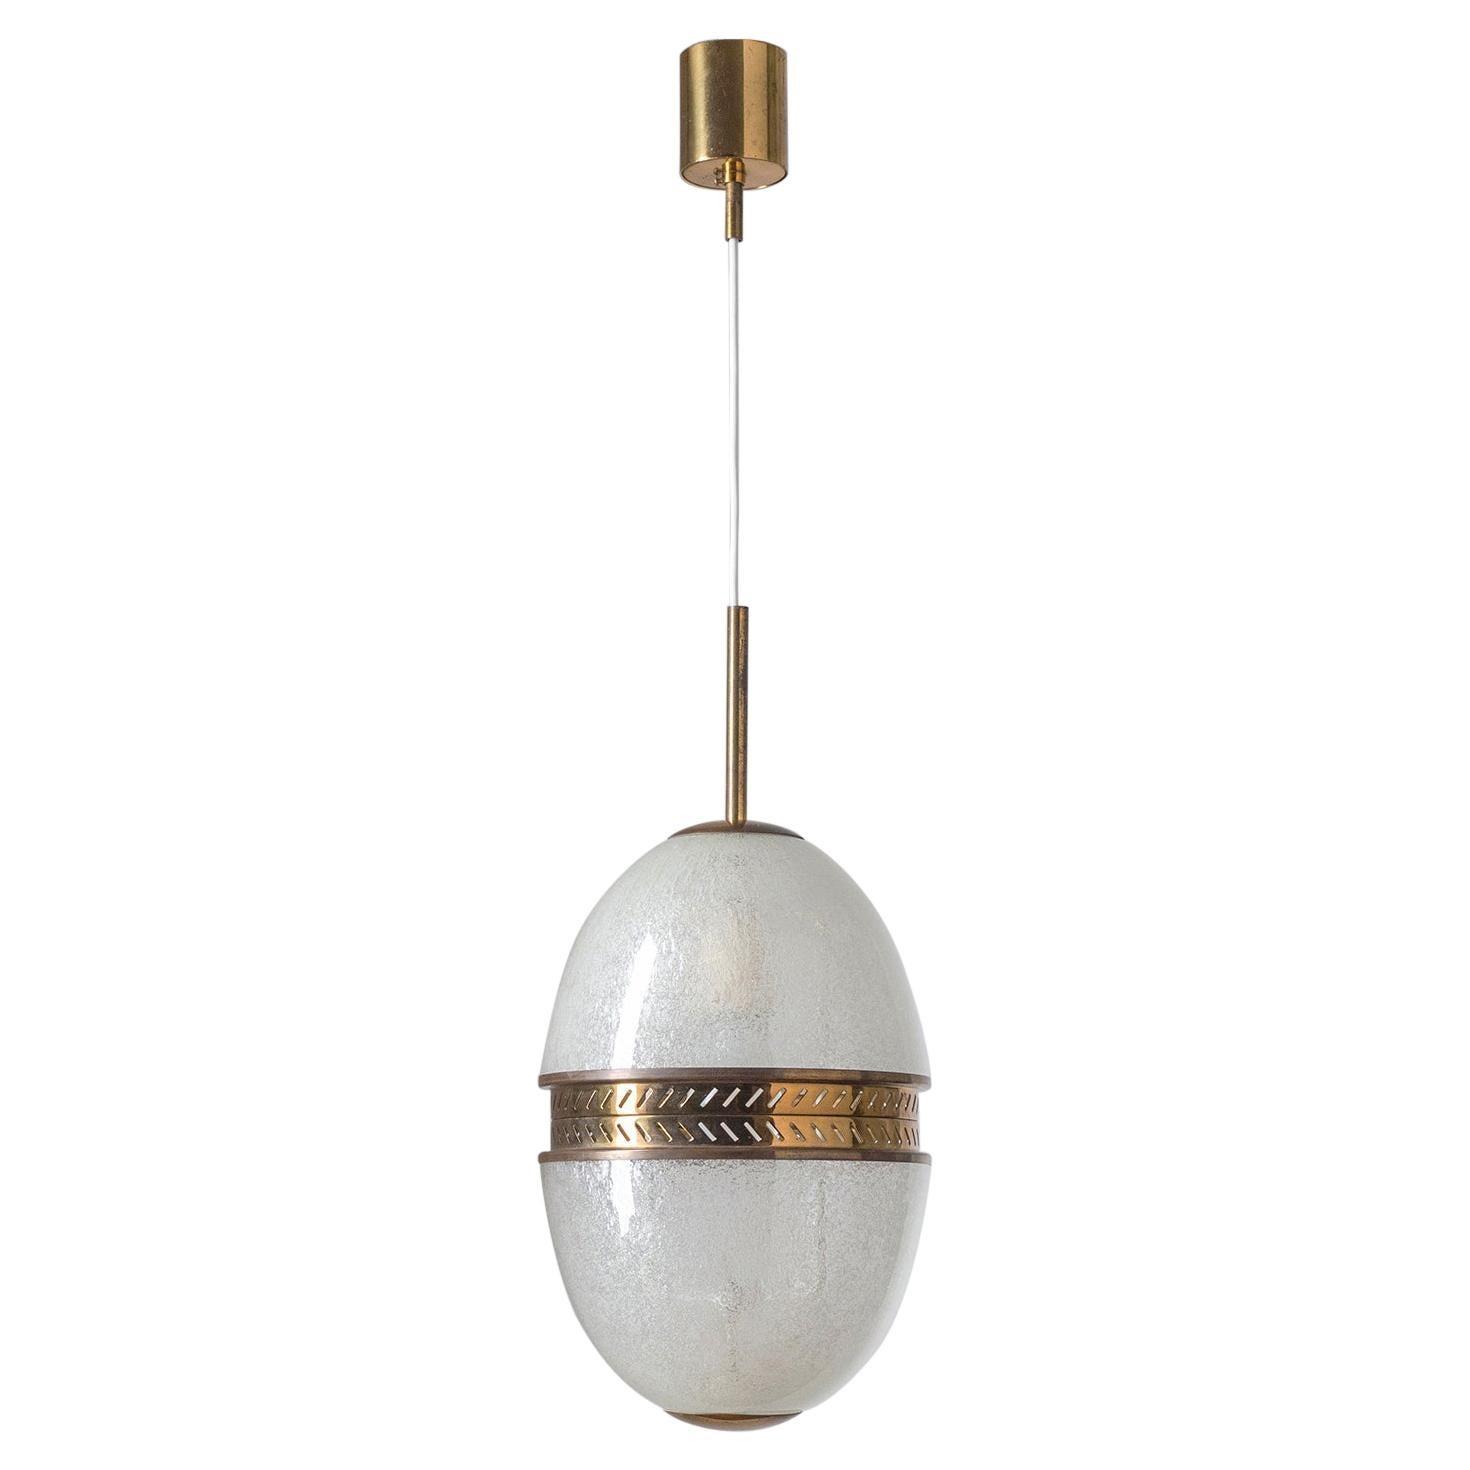 Rare Stilnovo Pendant, 1950s, Pulegoso Glass and Brass